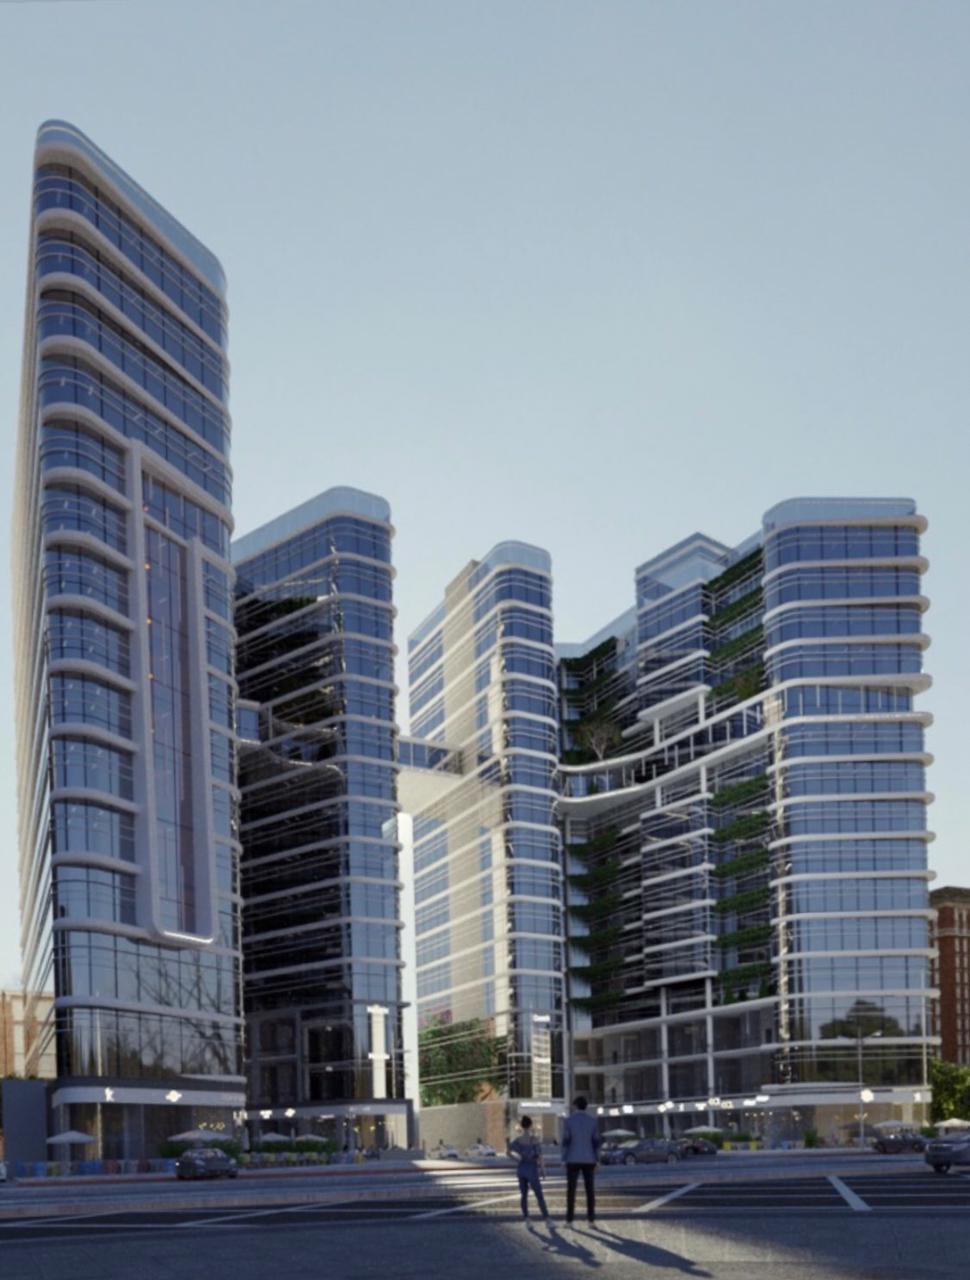 جي دي تاور العاصمة الادارية الجديدة